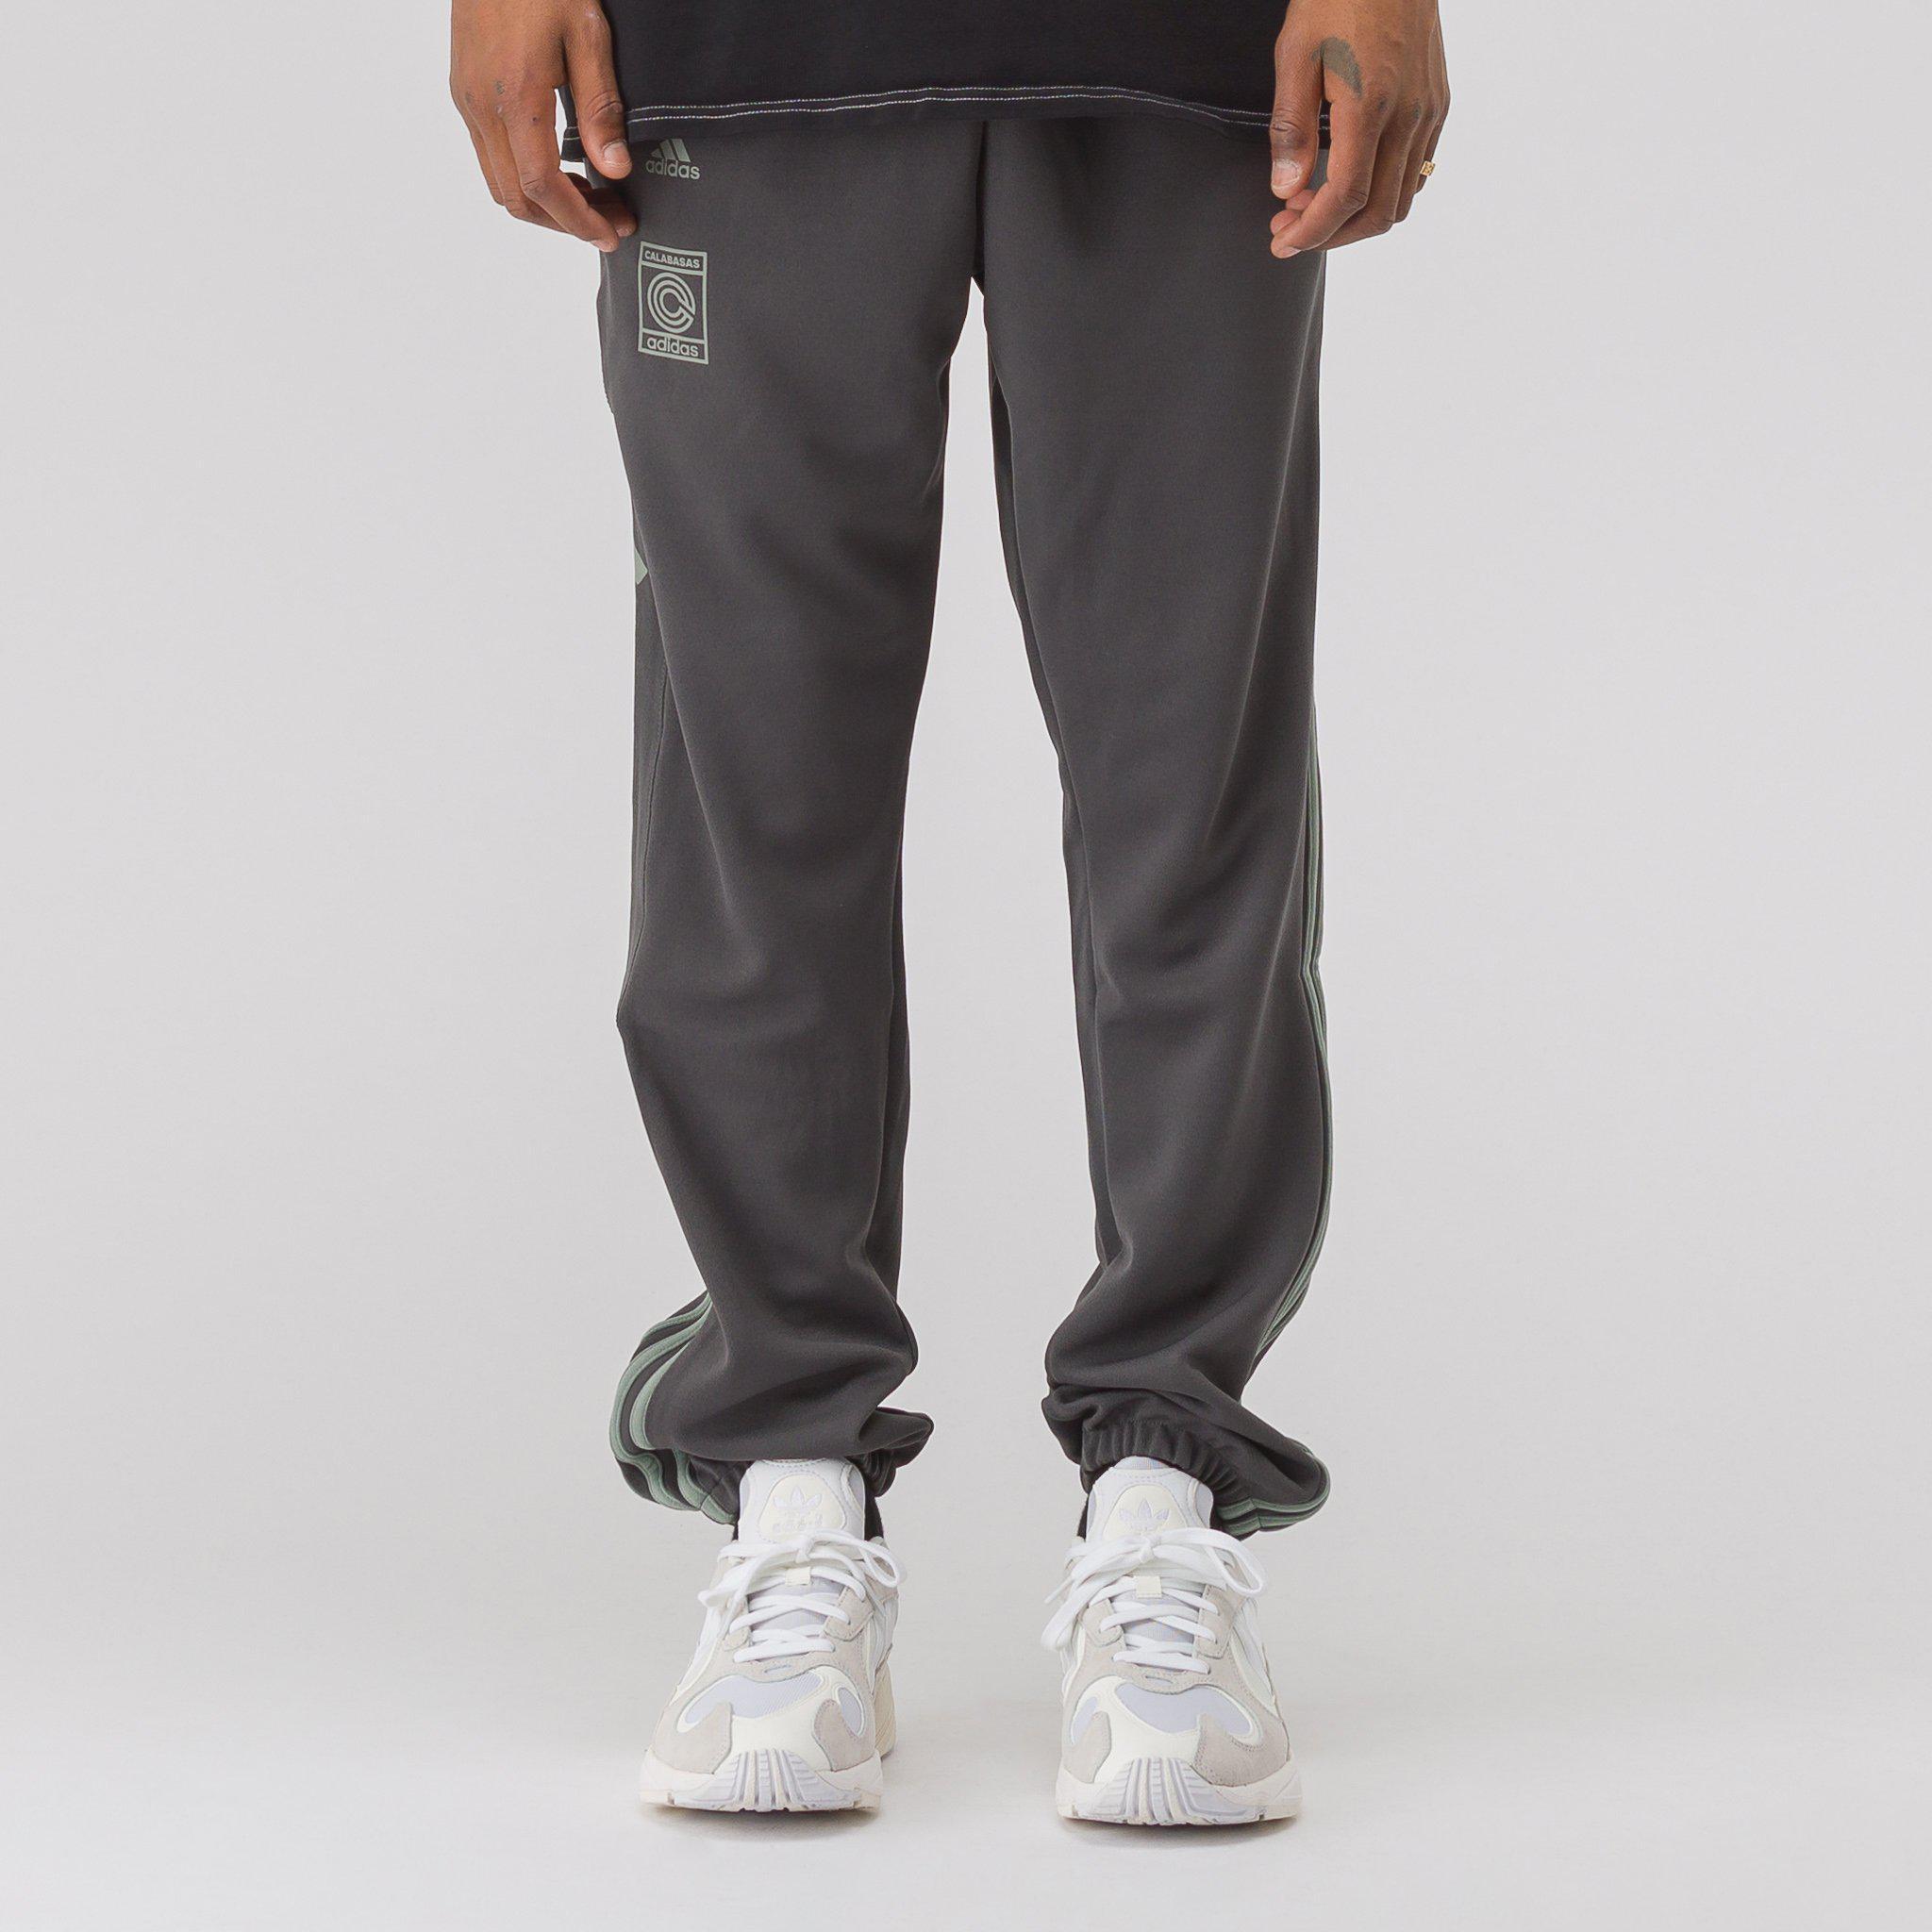 Yeezy Synthetic Calabasas Track Pants